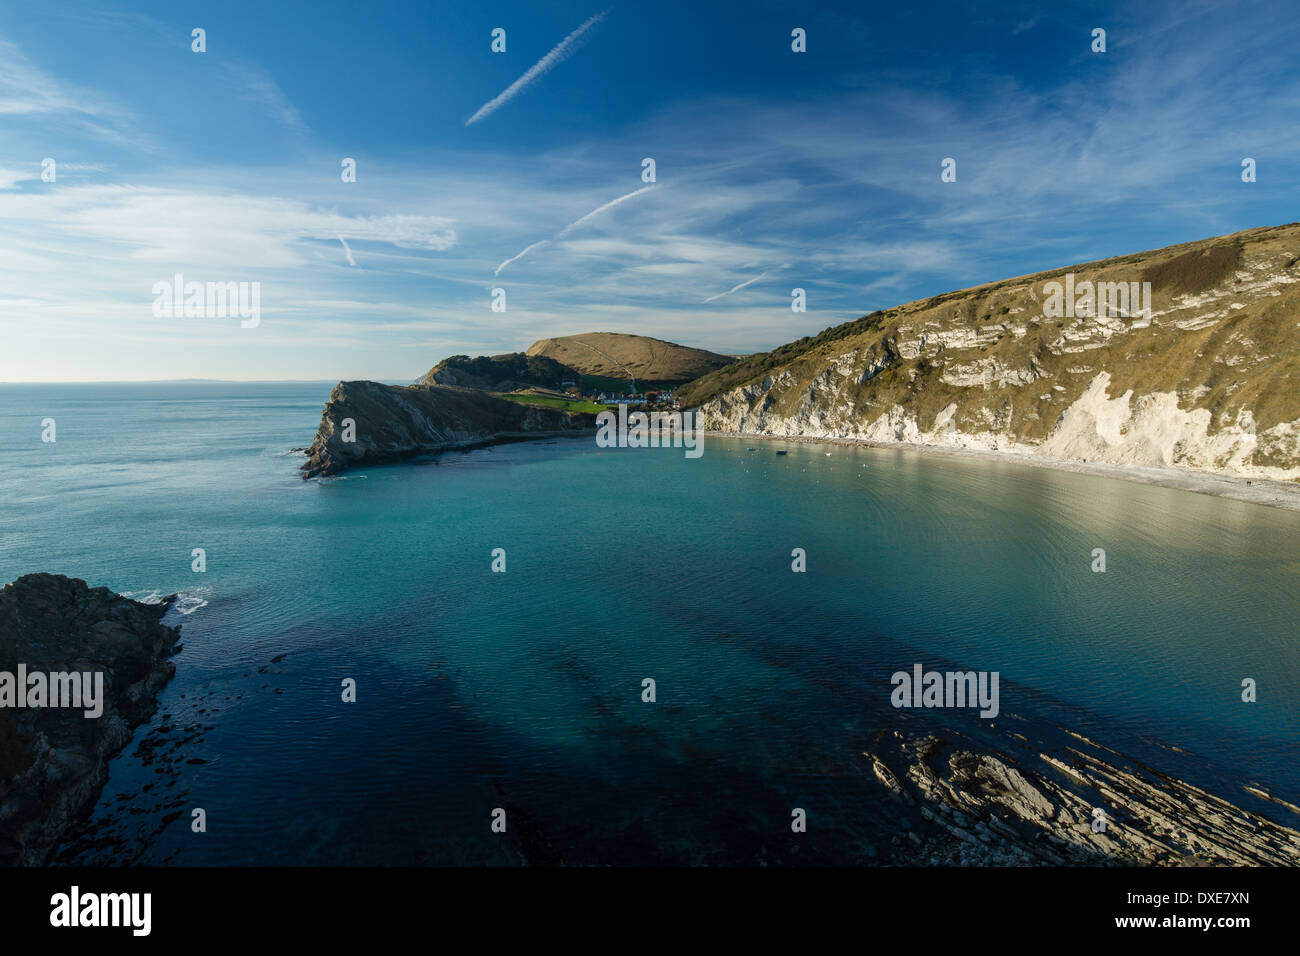 Crique de Lulworth Cove, sur la côte jurassique, Dorset, Angleterre Photo Stock